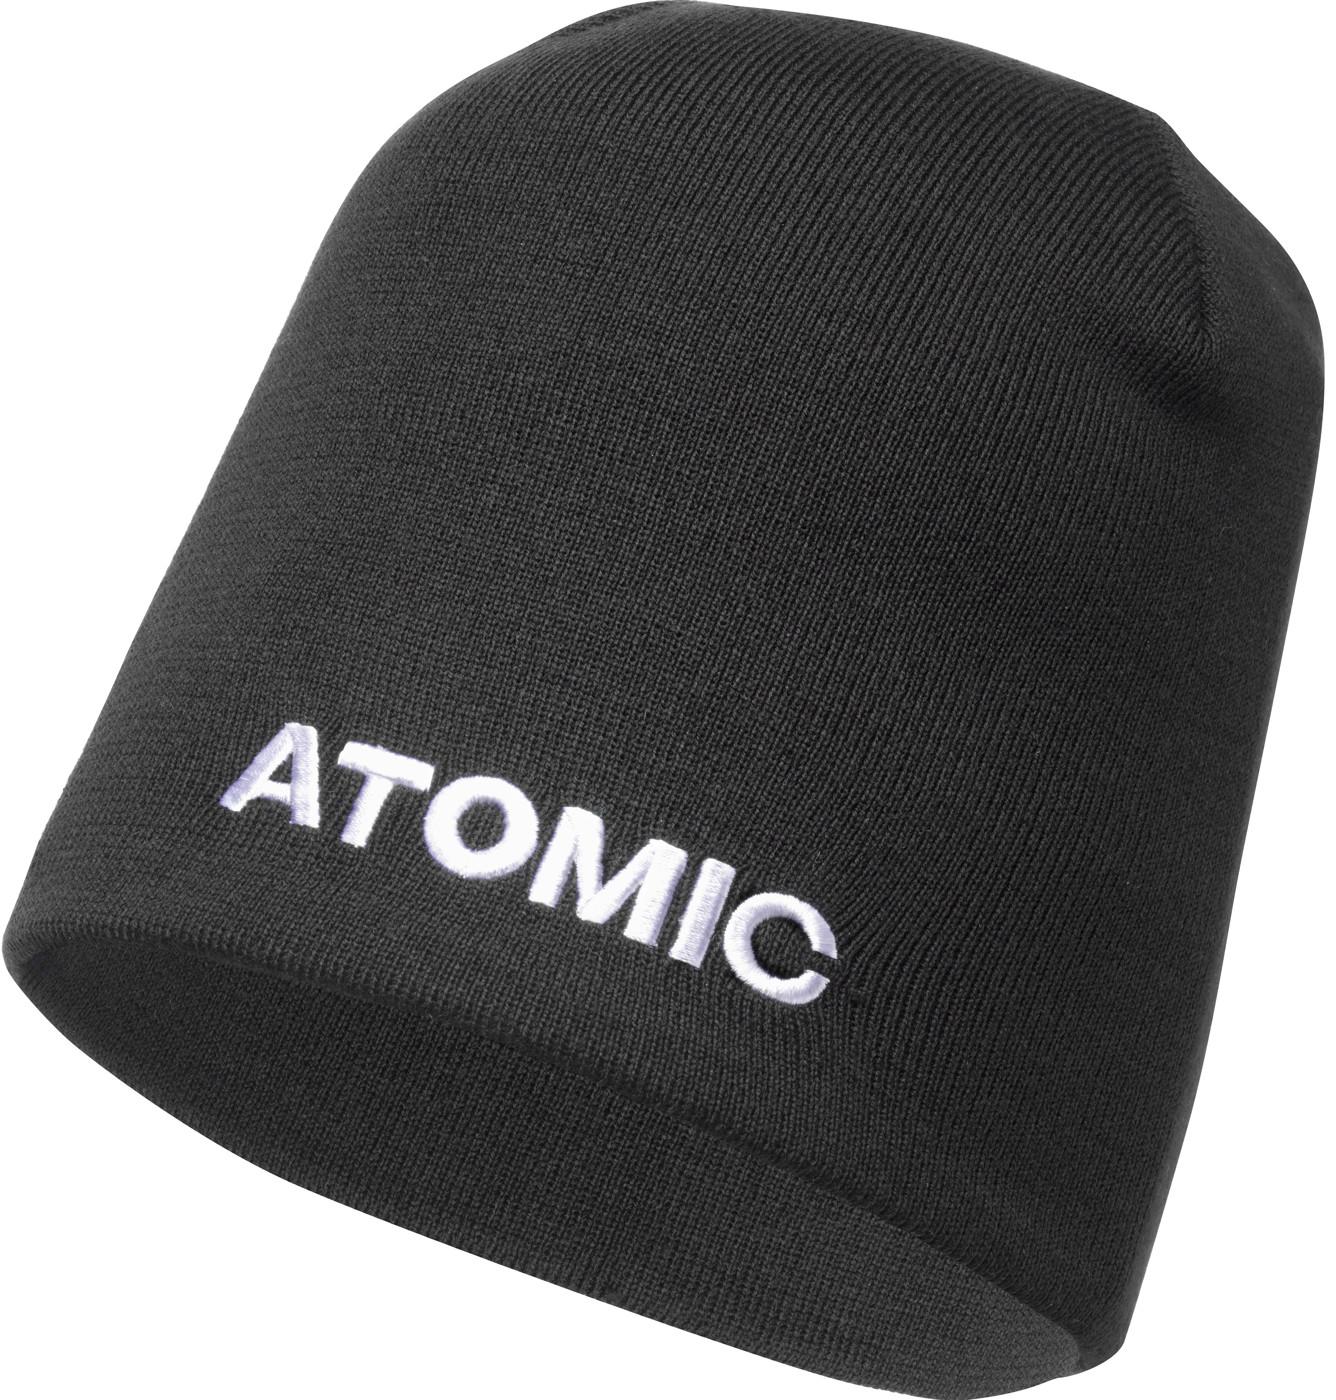 ATOMIC ALPS BEANIE Black OSFA - Herren